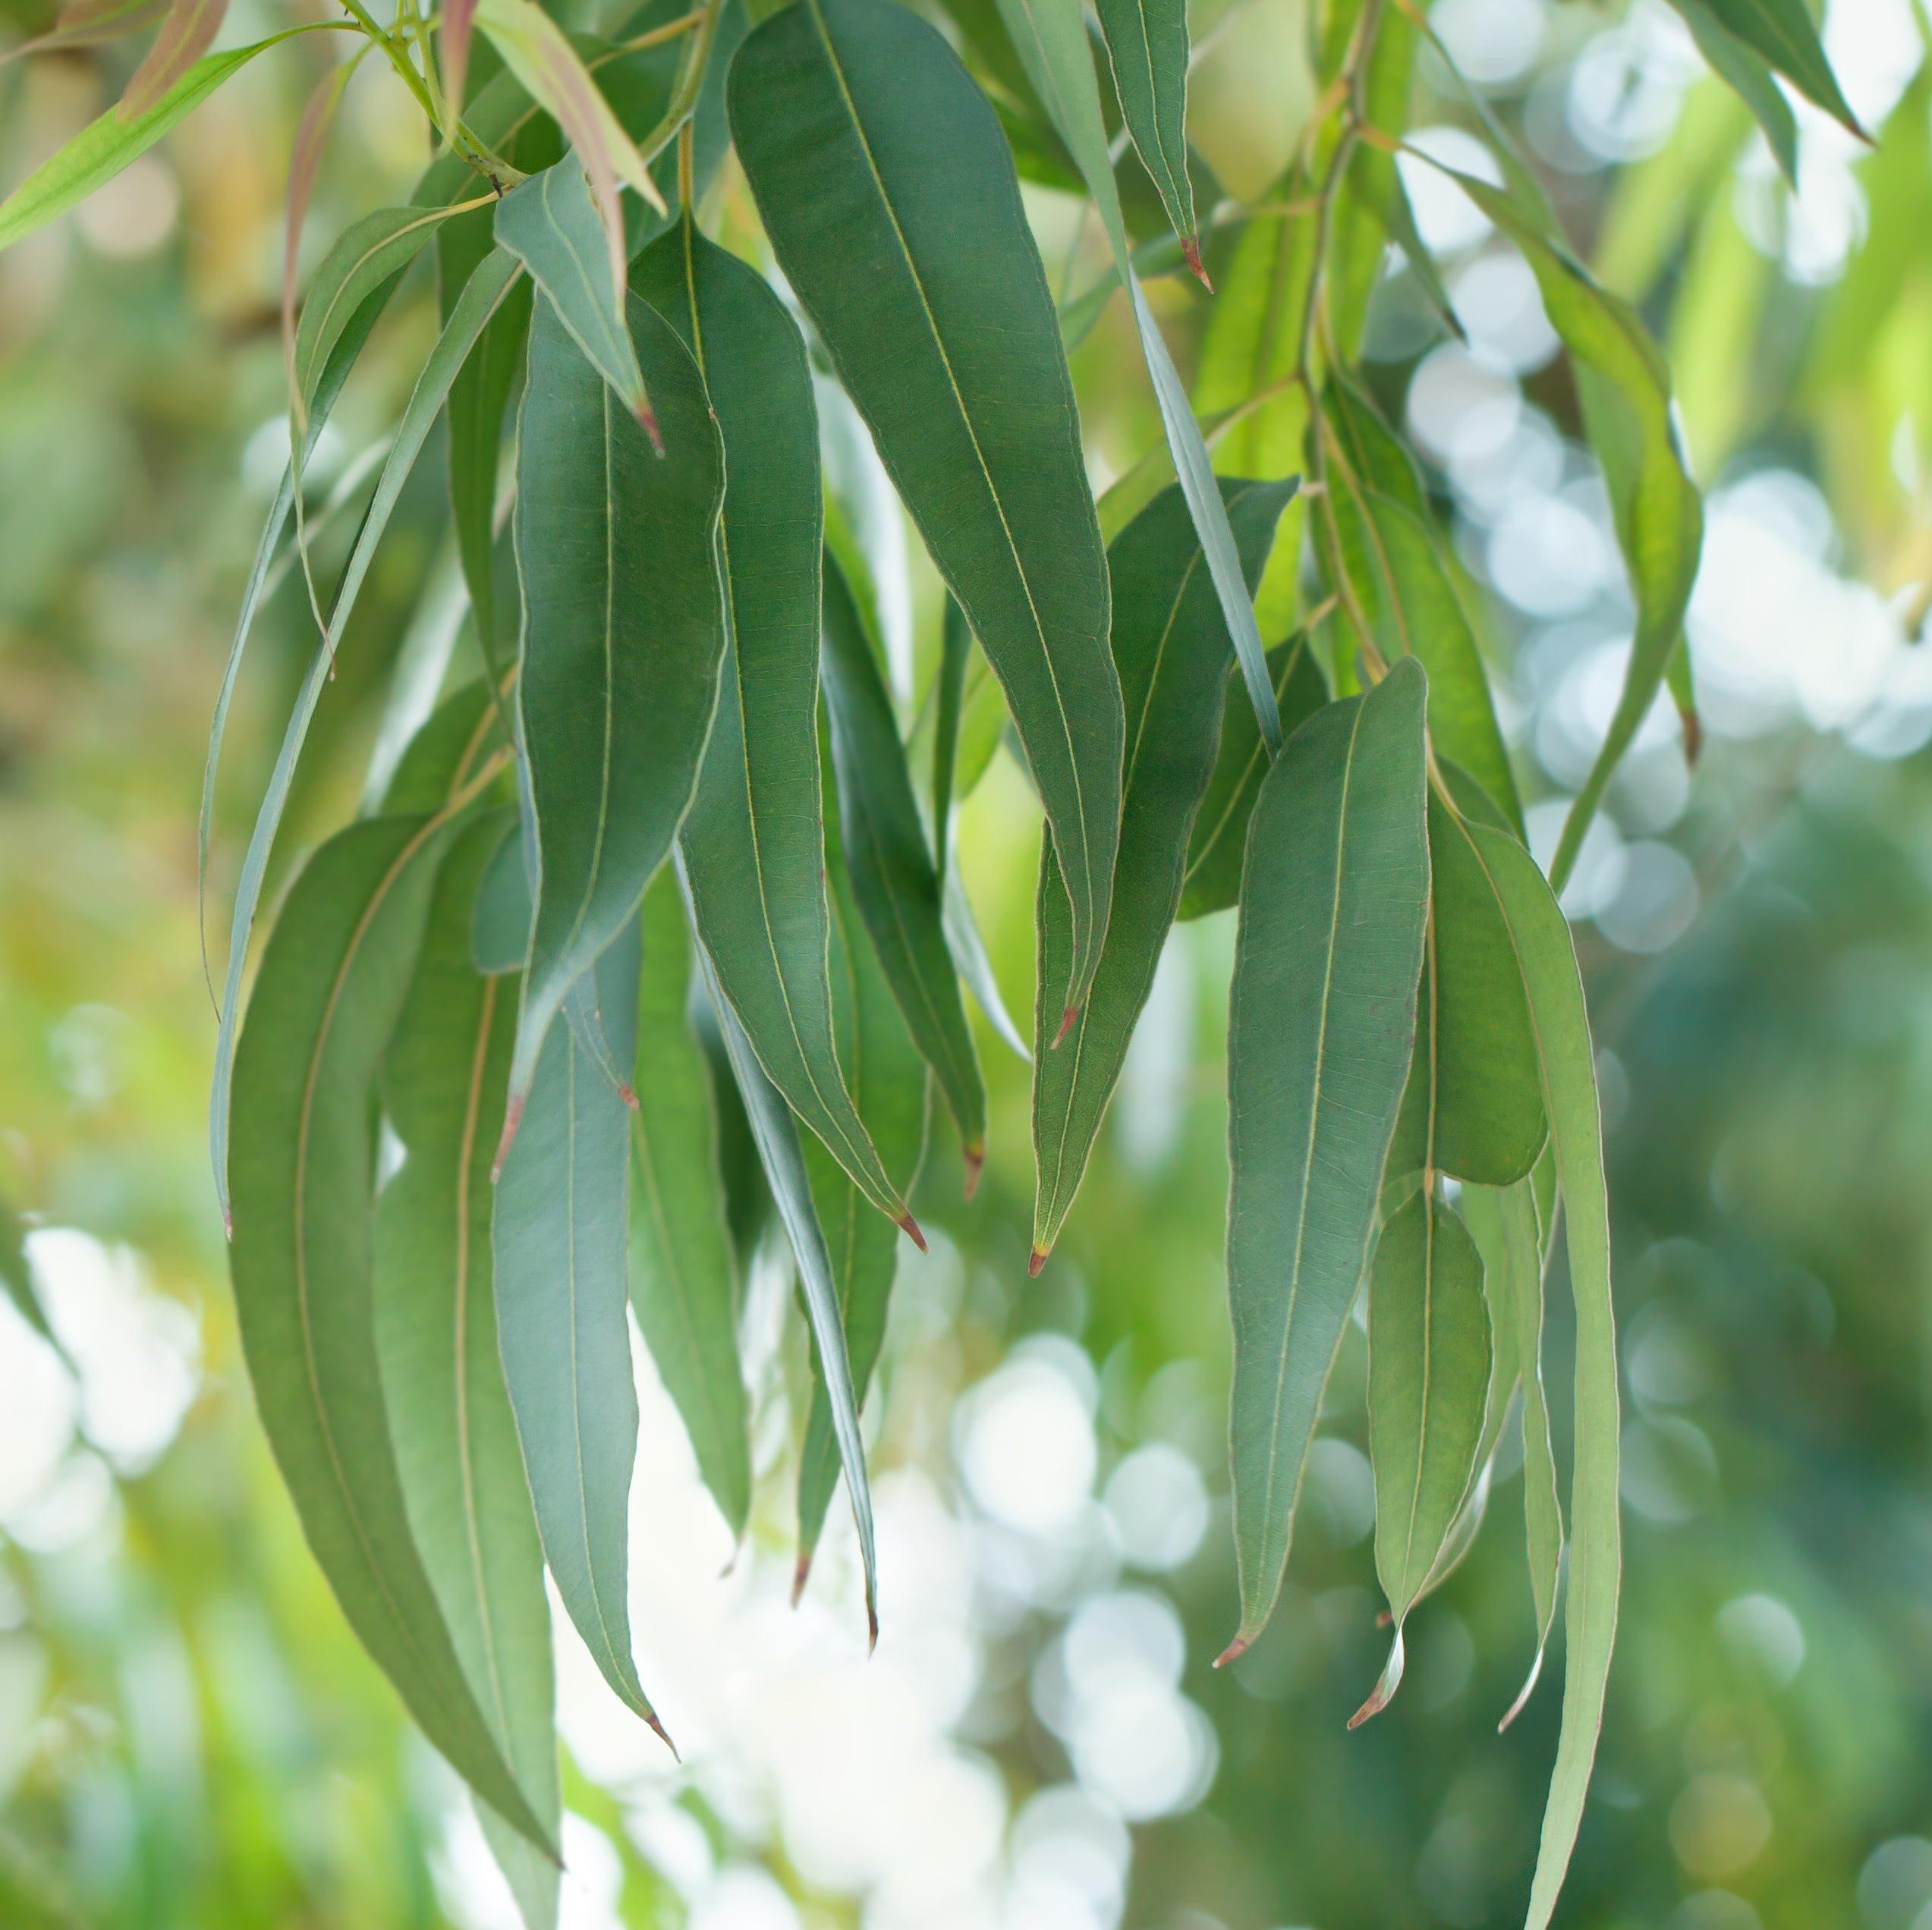 Tinh Dầu Khuynh Diệp - Eucalyptus Essential Oil 10ml - Hoa Thơm Cỏ Lạ